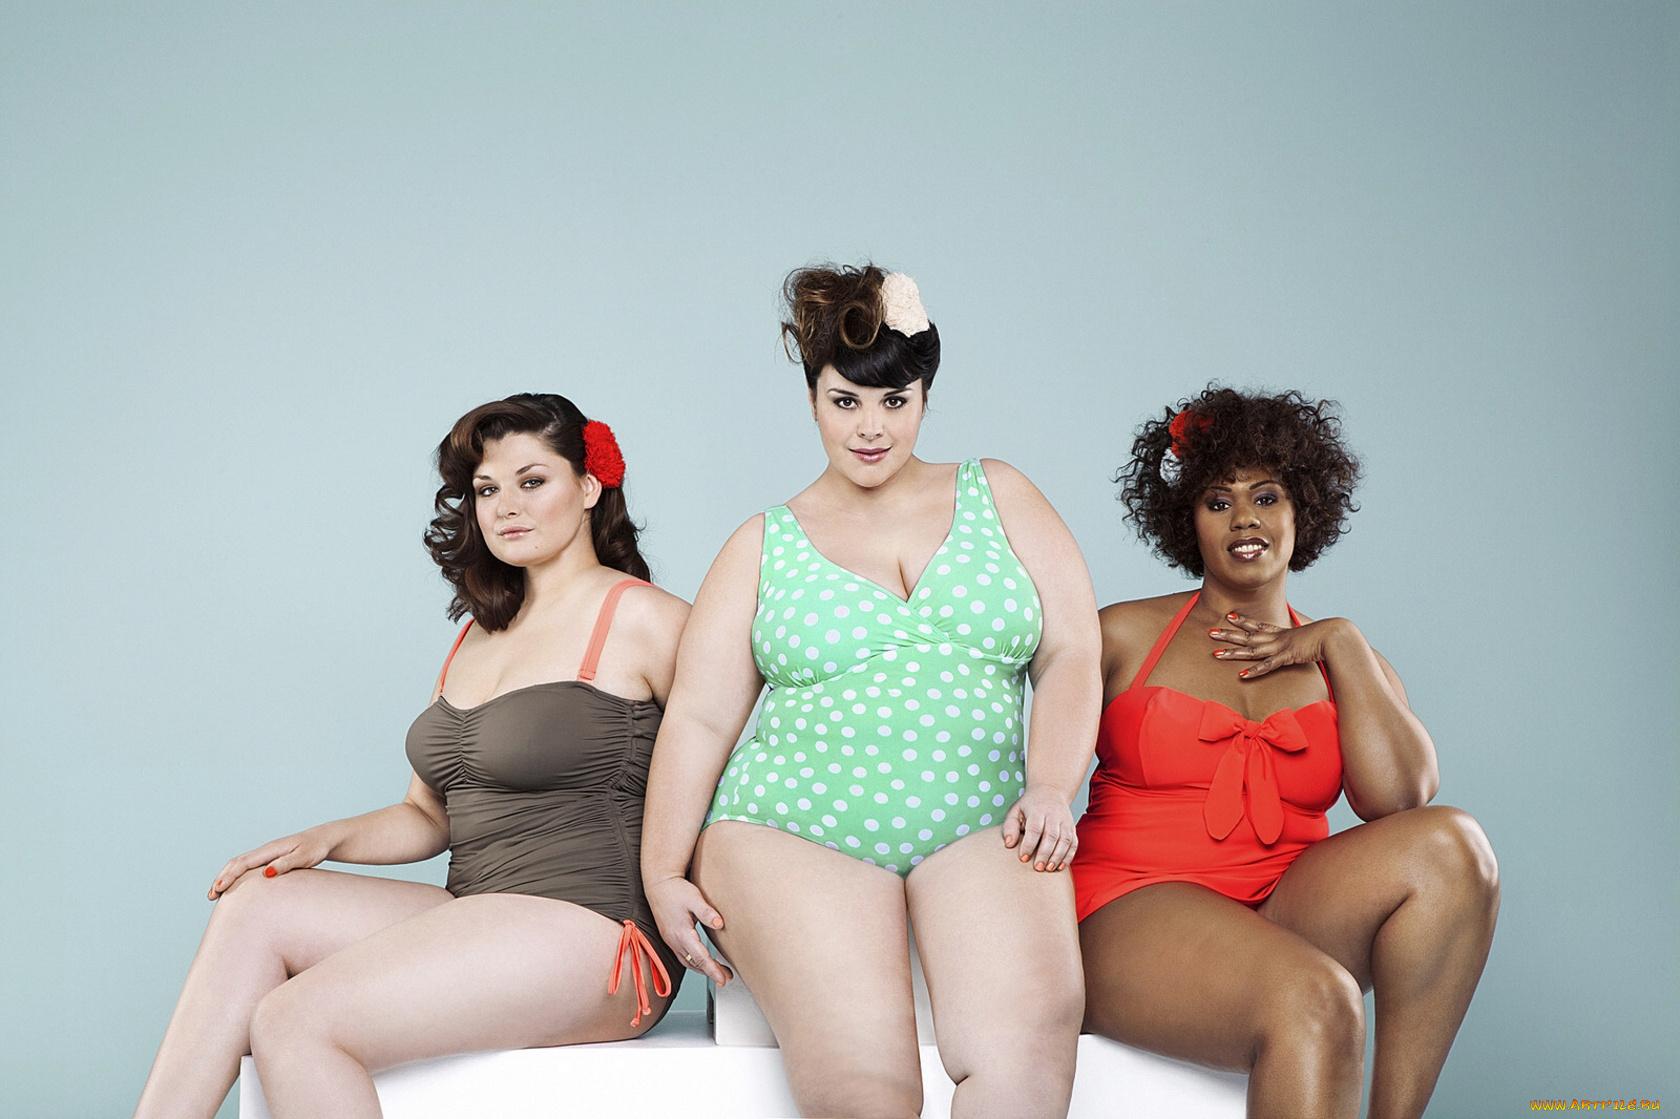 Только женщины толстые голые, Голые жирные бабы - фото жирных женщин и девушек 15 фотография